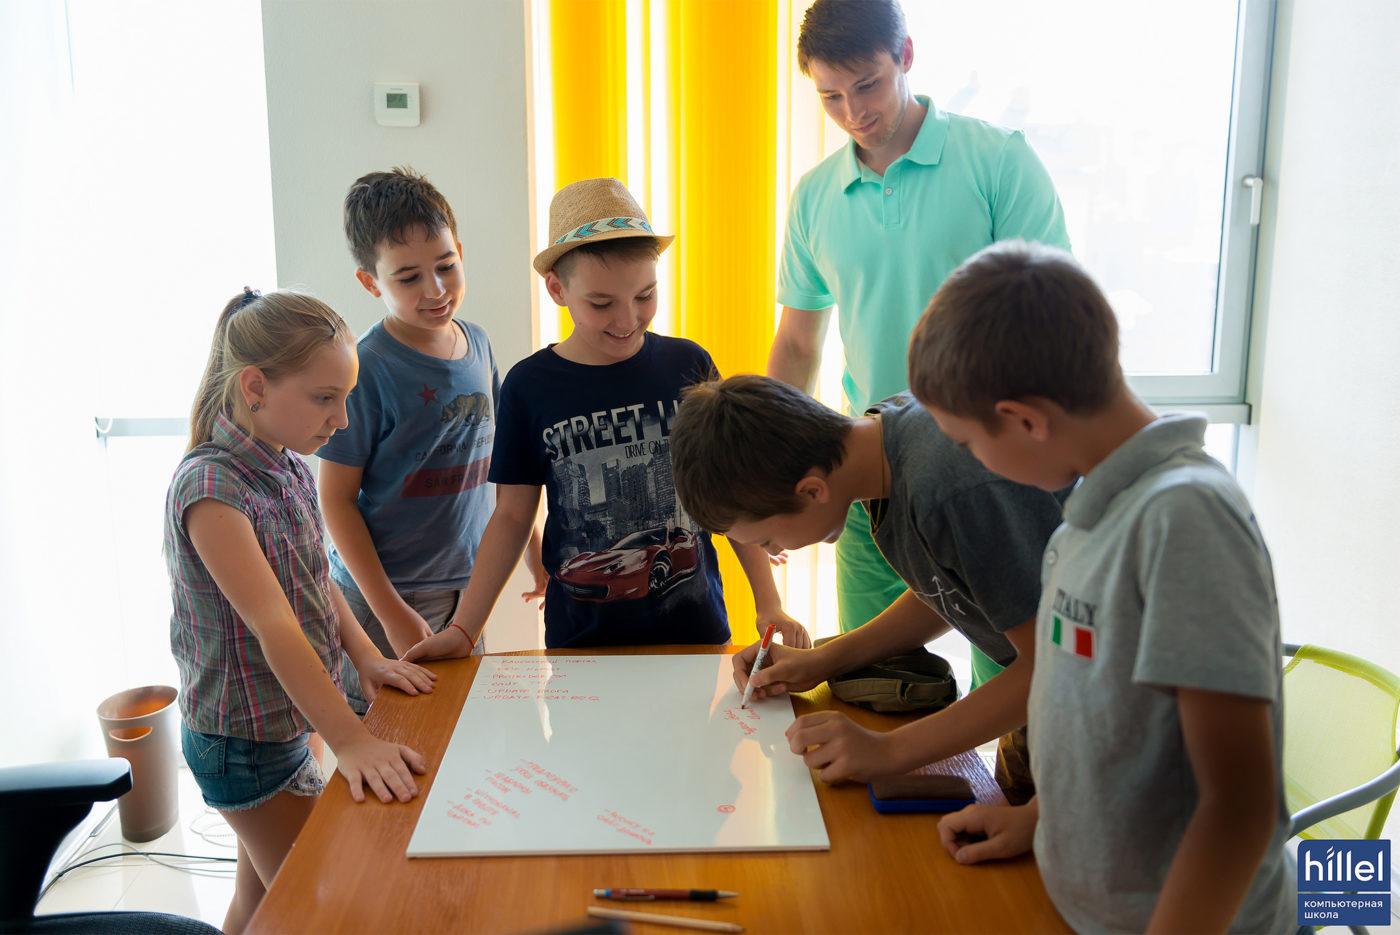 События: Мастер-класс для детей «Я — веб разработчик! Создай свою историю и поделись ею с миром» в Киеве